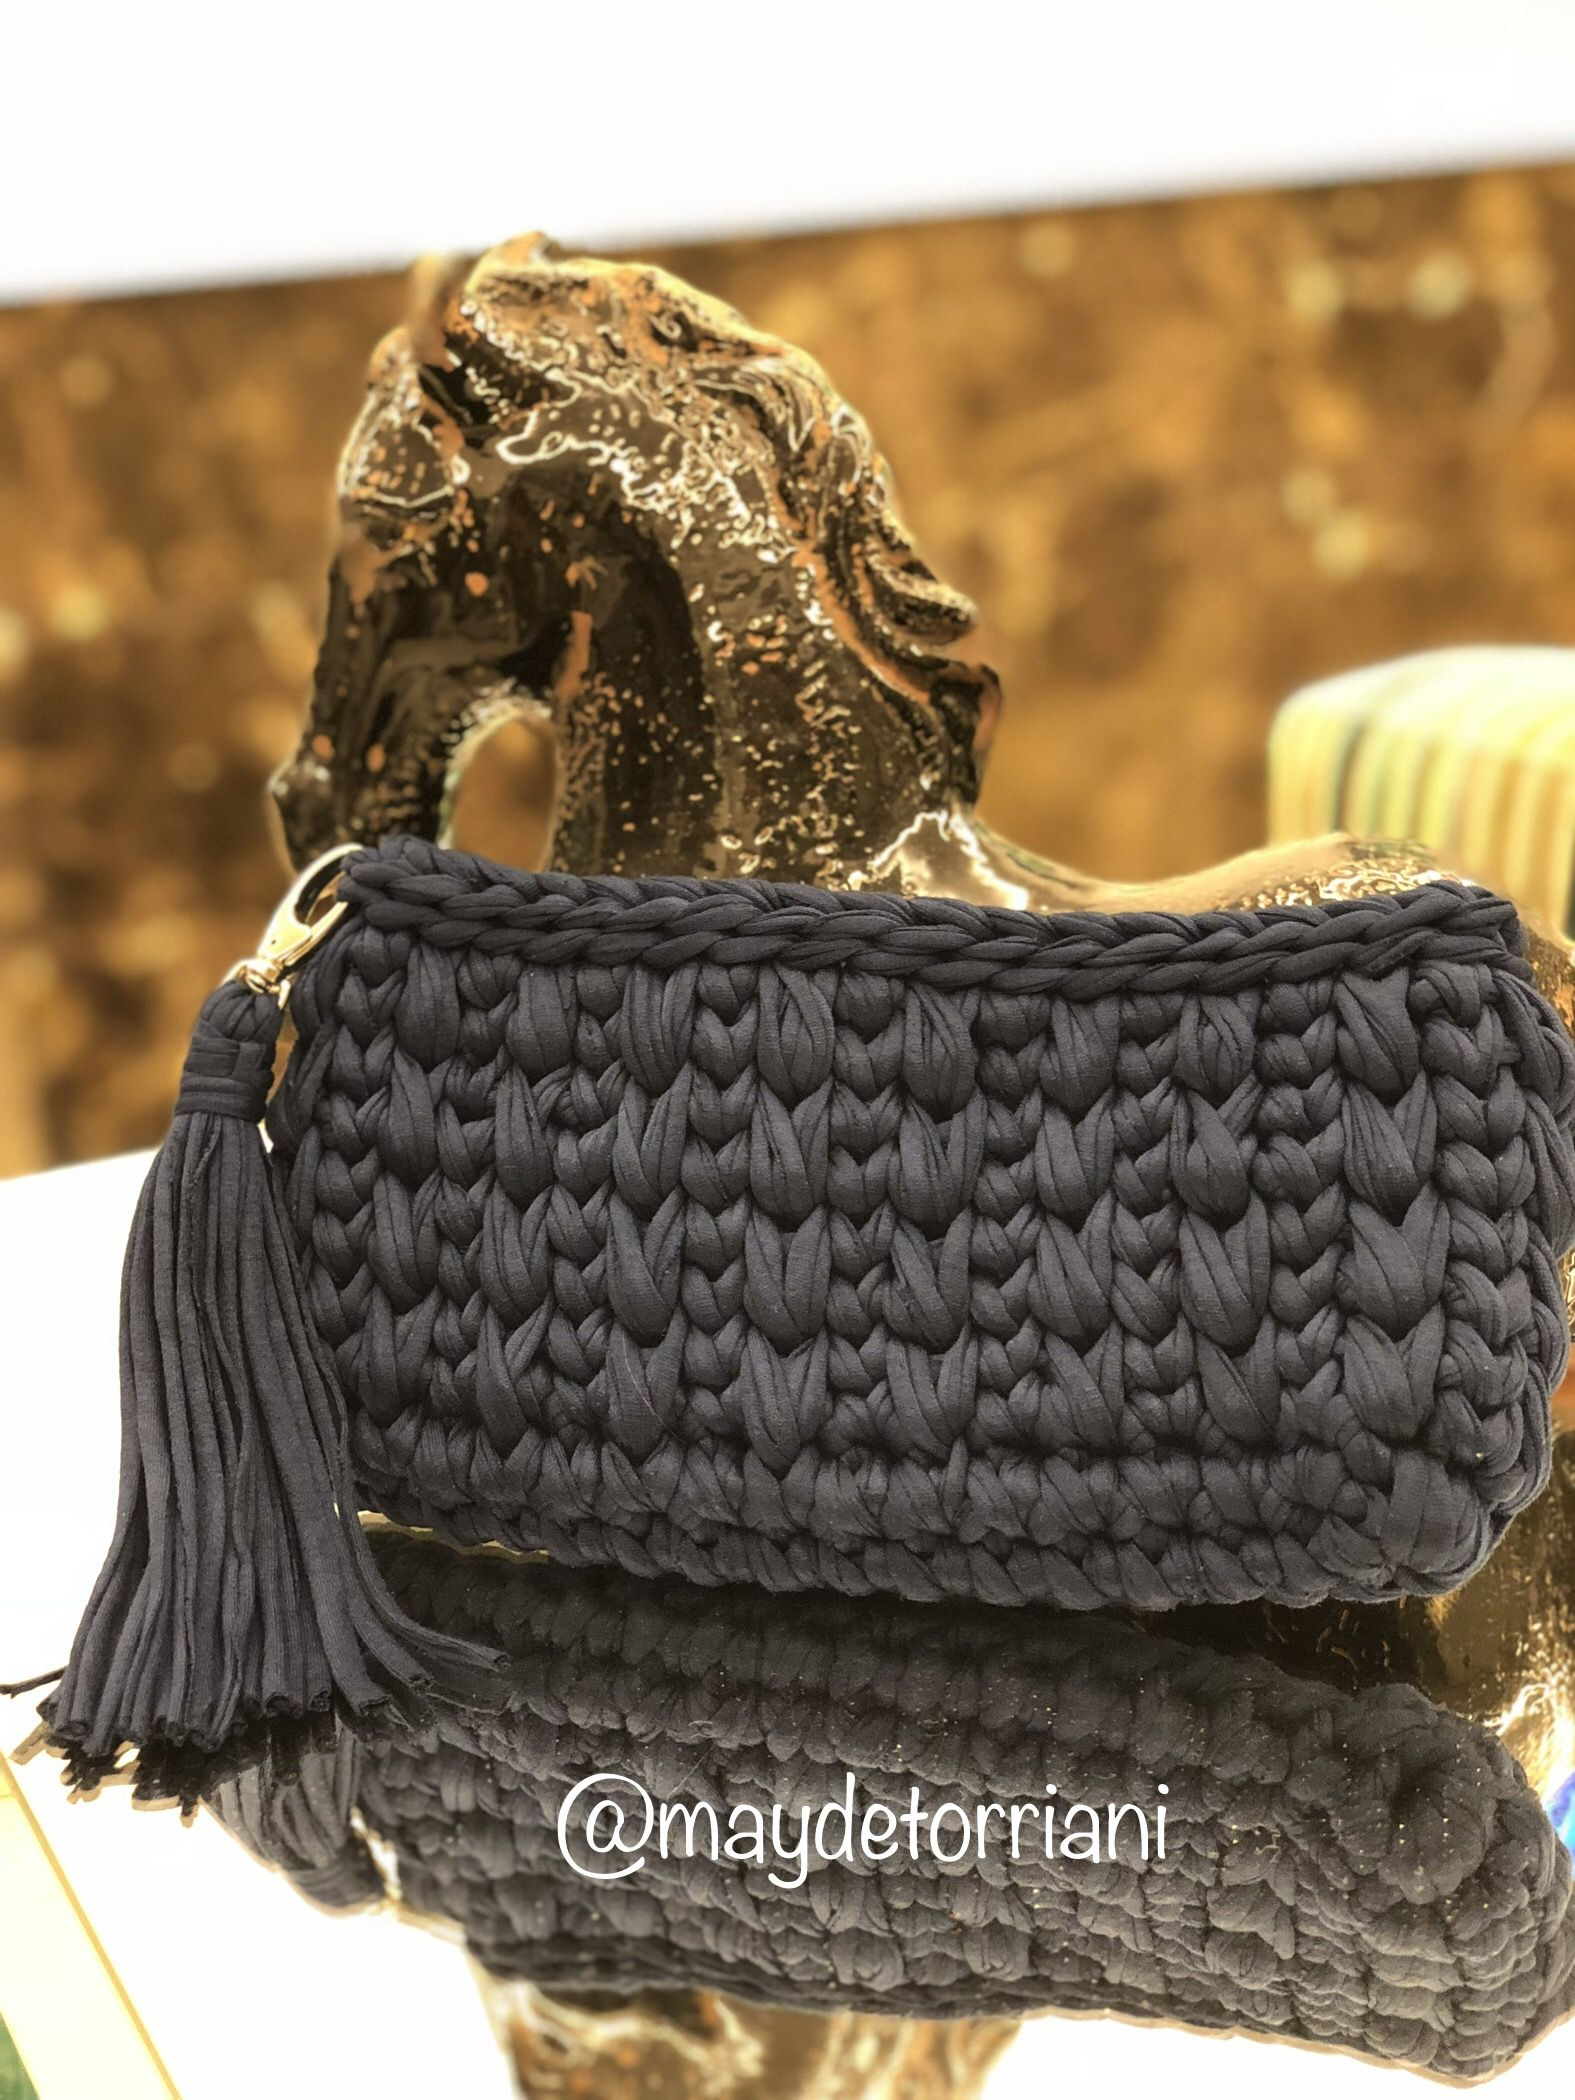 Pin von Tray Douglas auf Crochet Ideas | Pinterest